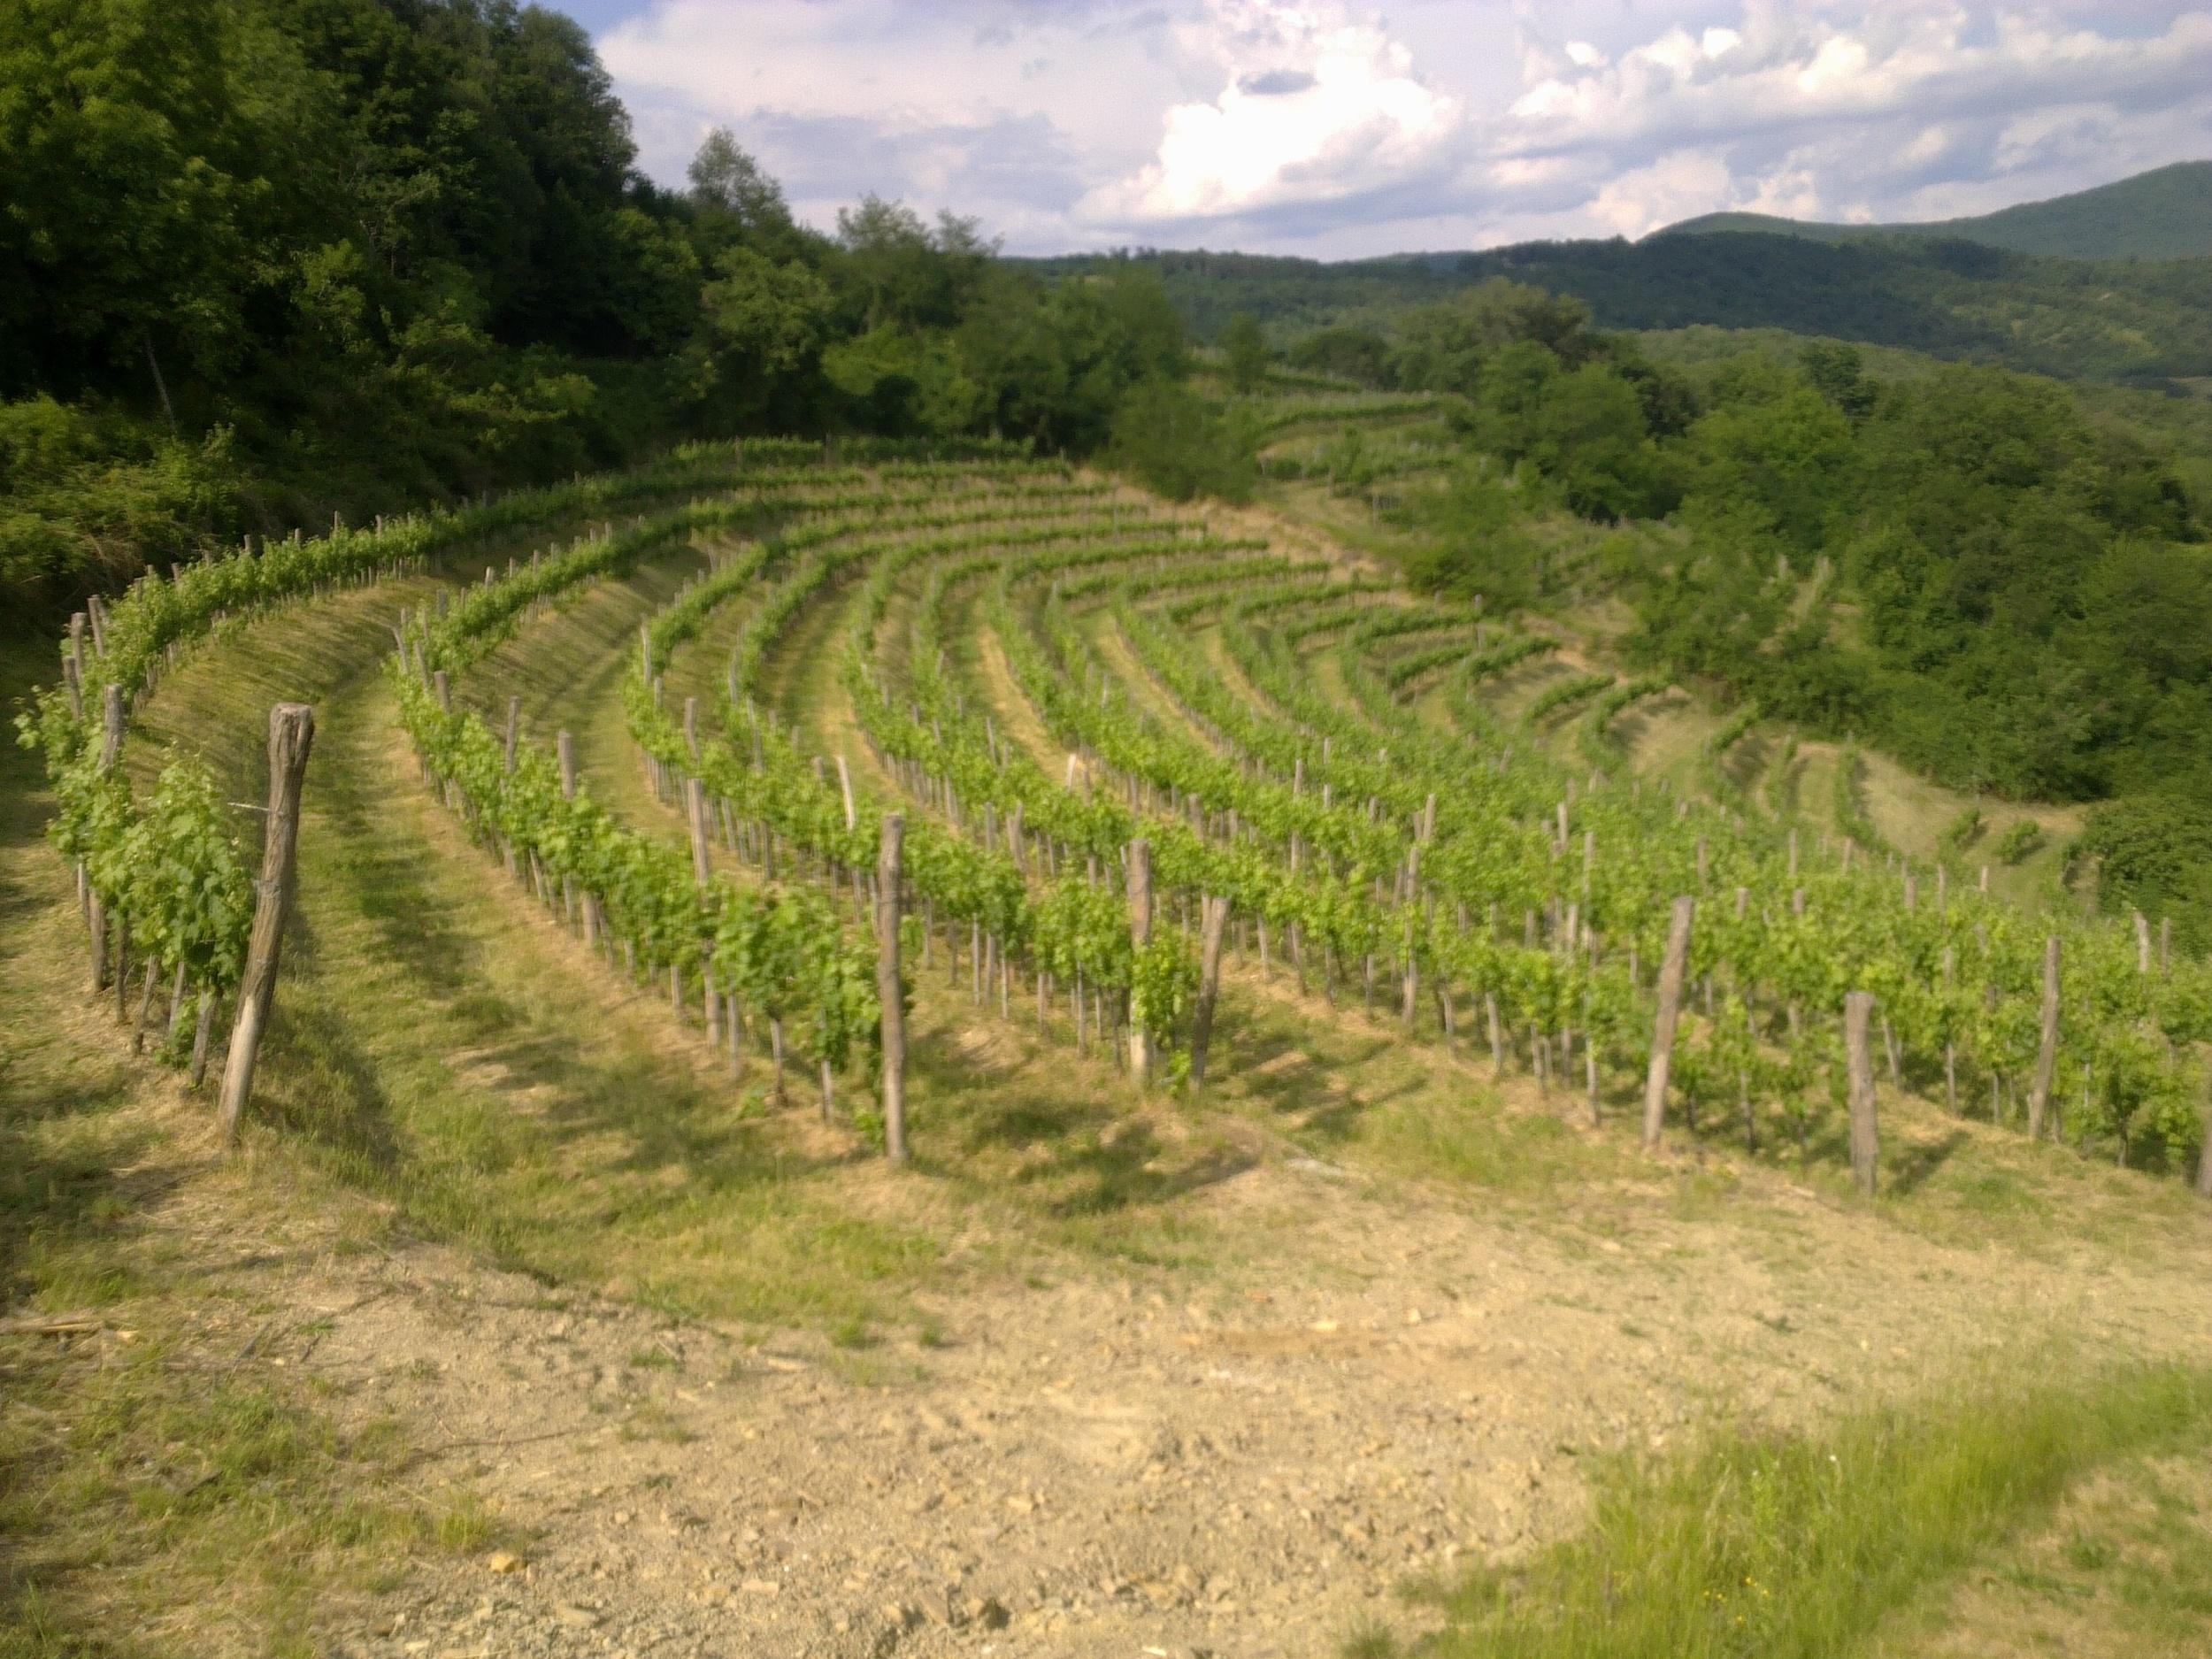 Rebula vines growing at the Ferdinand vineyard